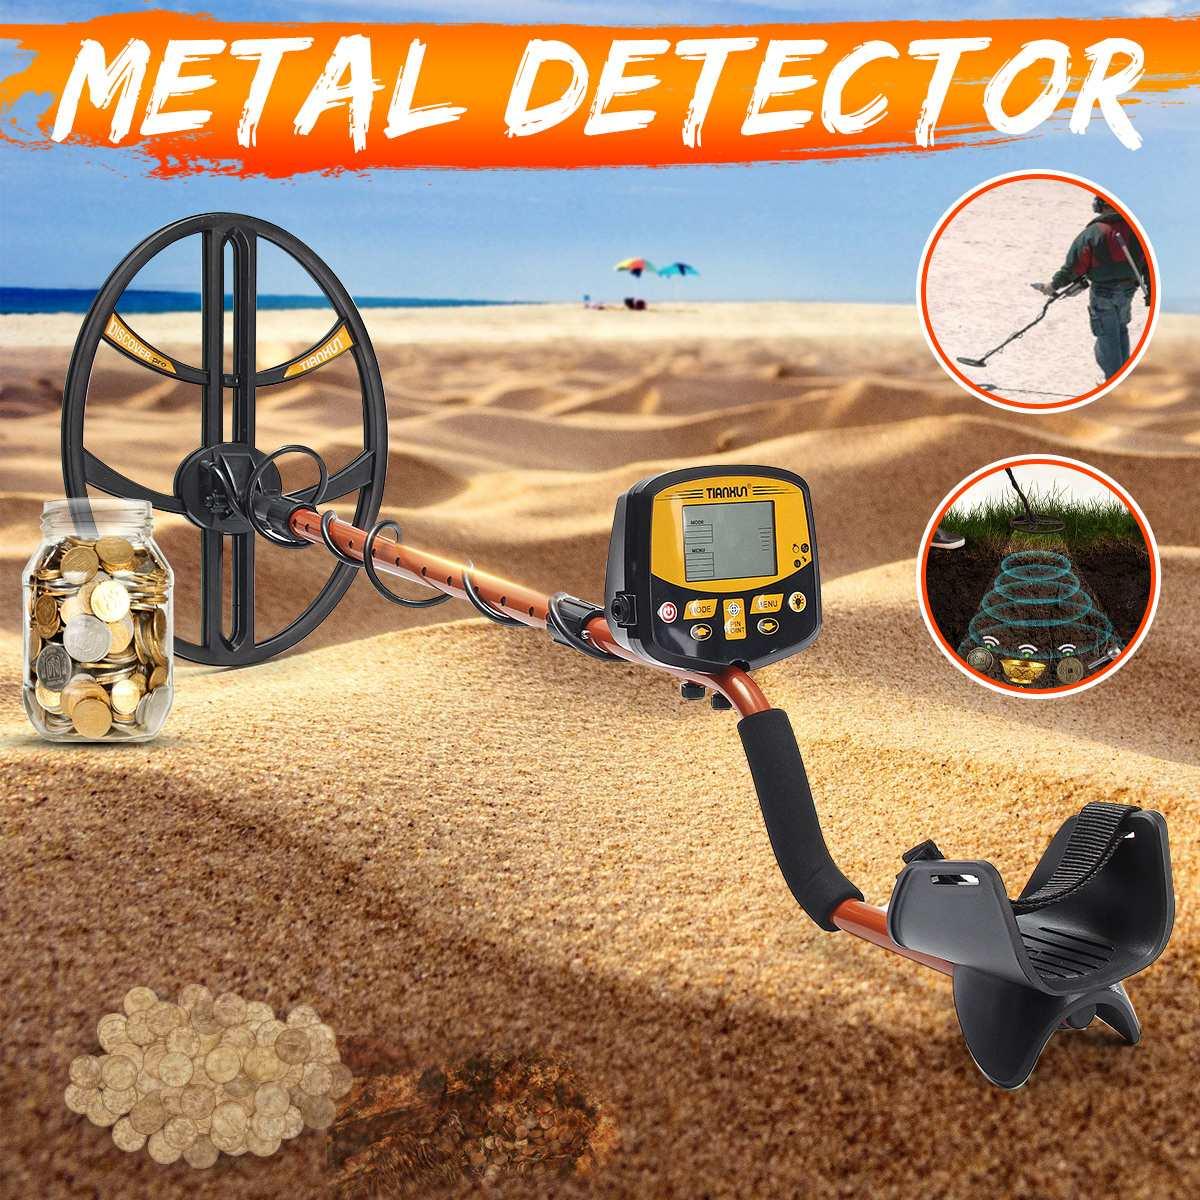 Détecteur souterrain professionnel d'or d'argent de sensibilité élevée de détecteur de métal de TX-950 avec l'affichage commutable d'affichage à cristaux liquides de contre-jour